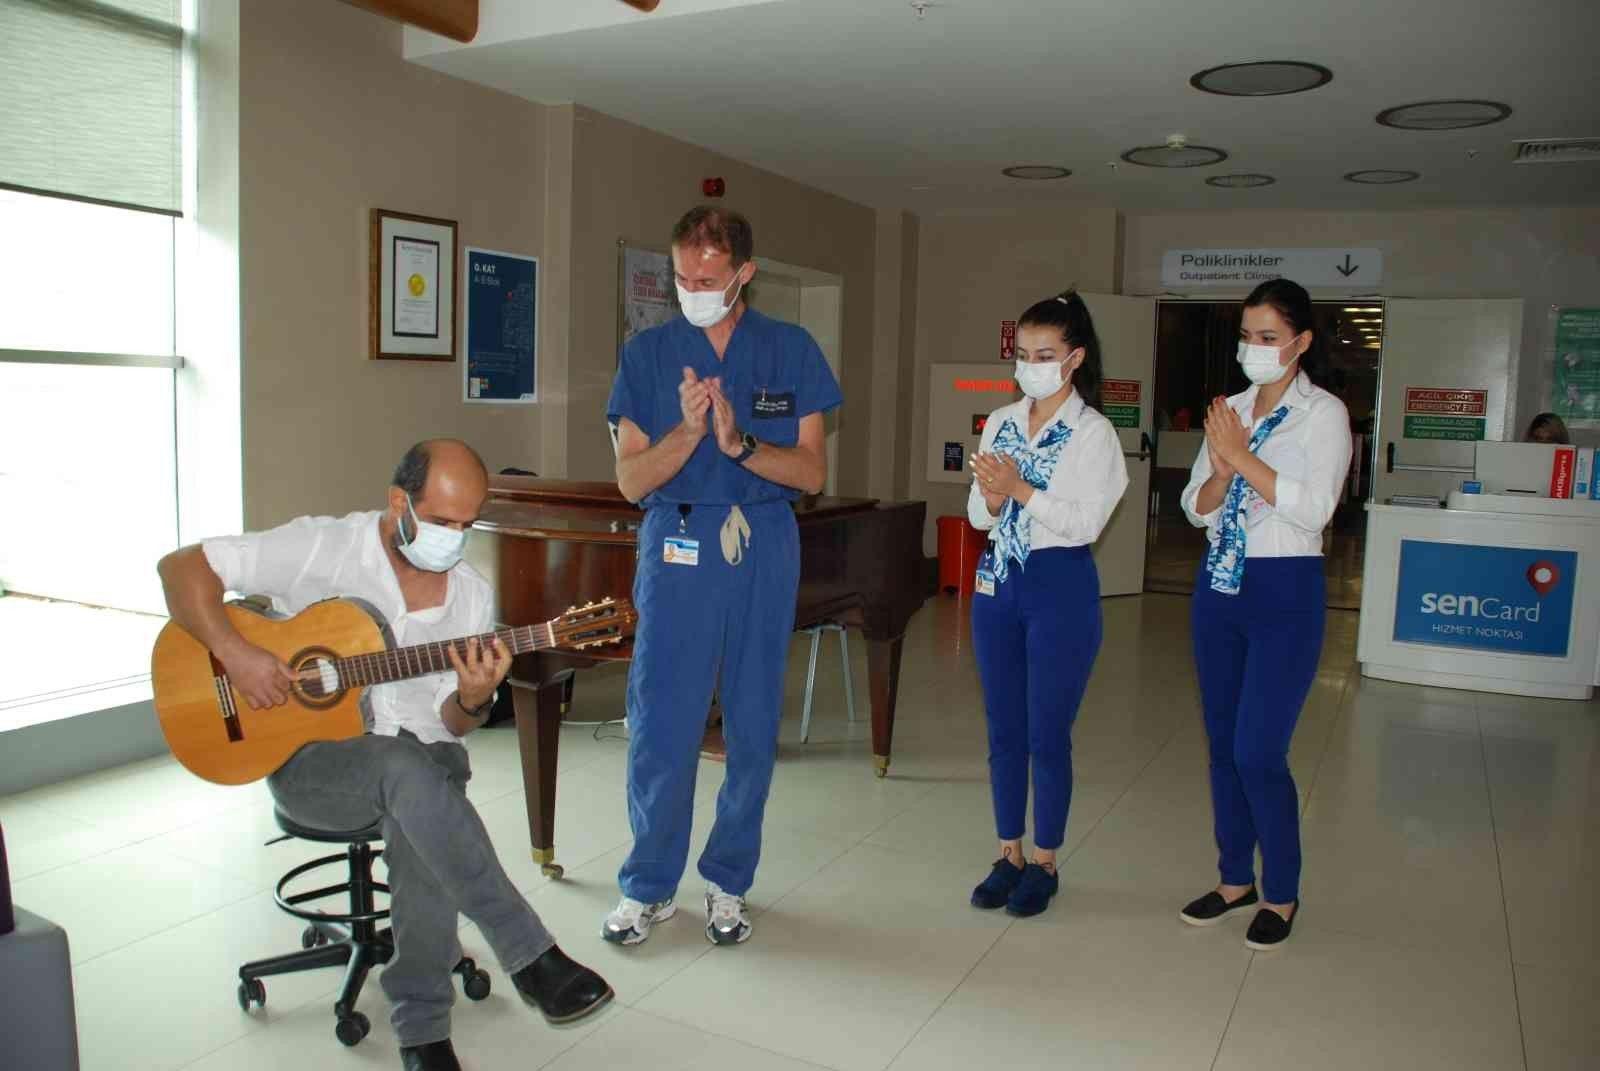 2021/10/ameliyattan-sonra-gitar-calarak-doktoruna-resital-verdi-20211013AW44-2.jpg